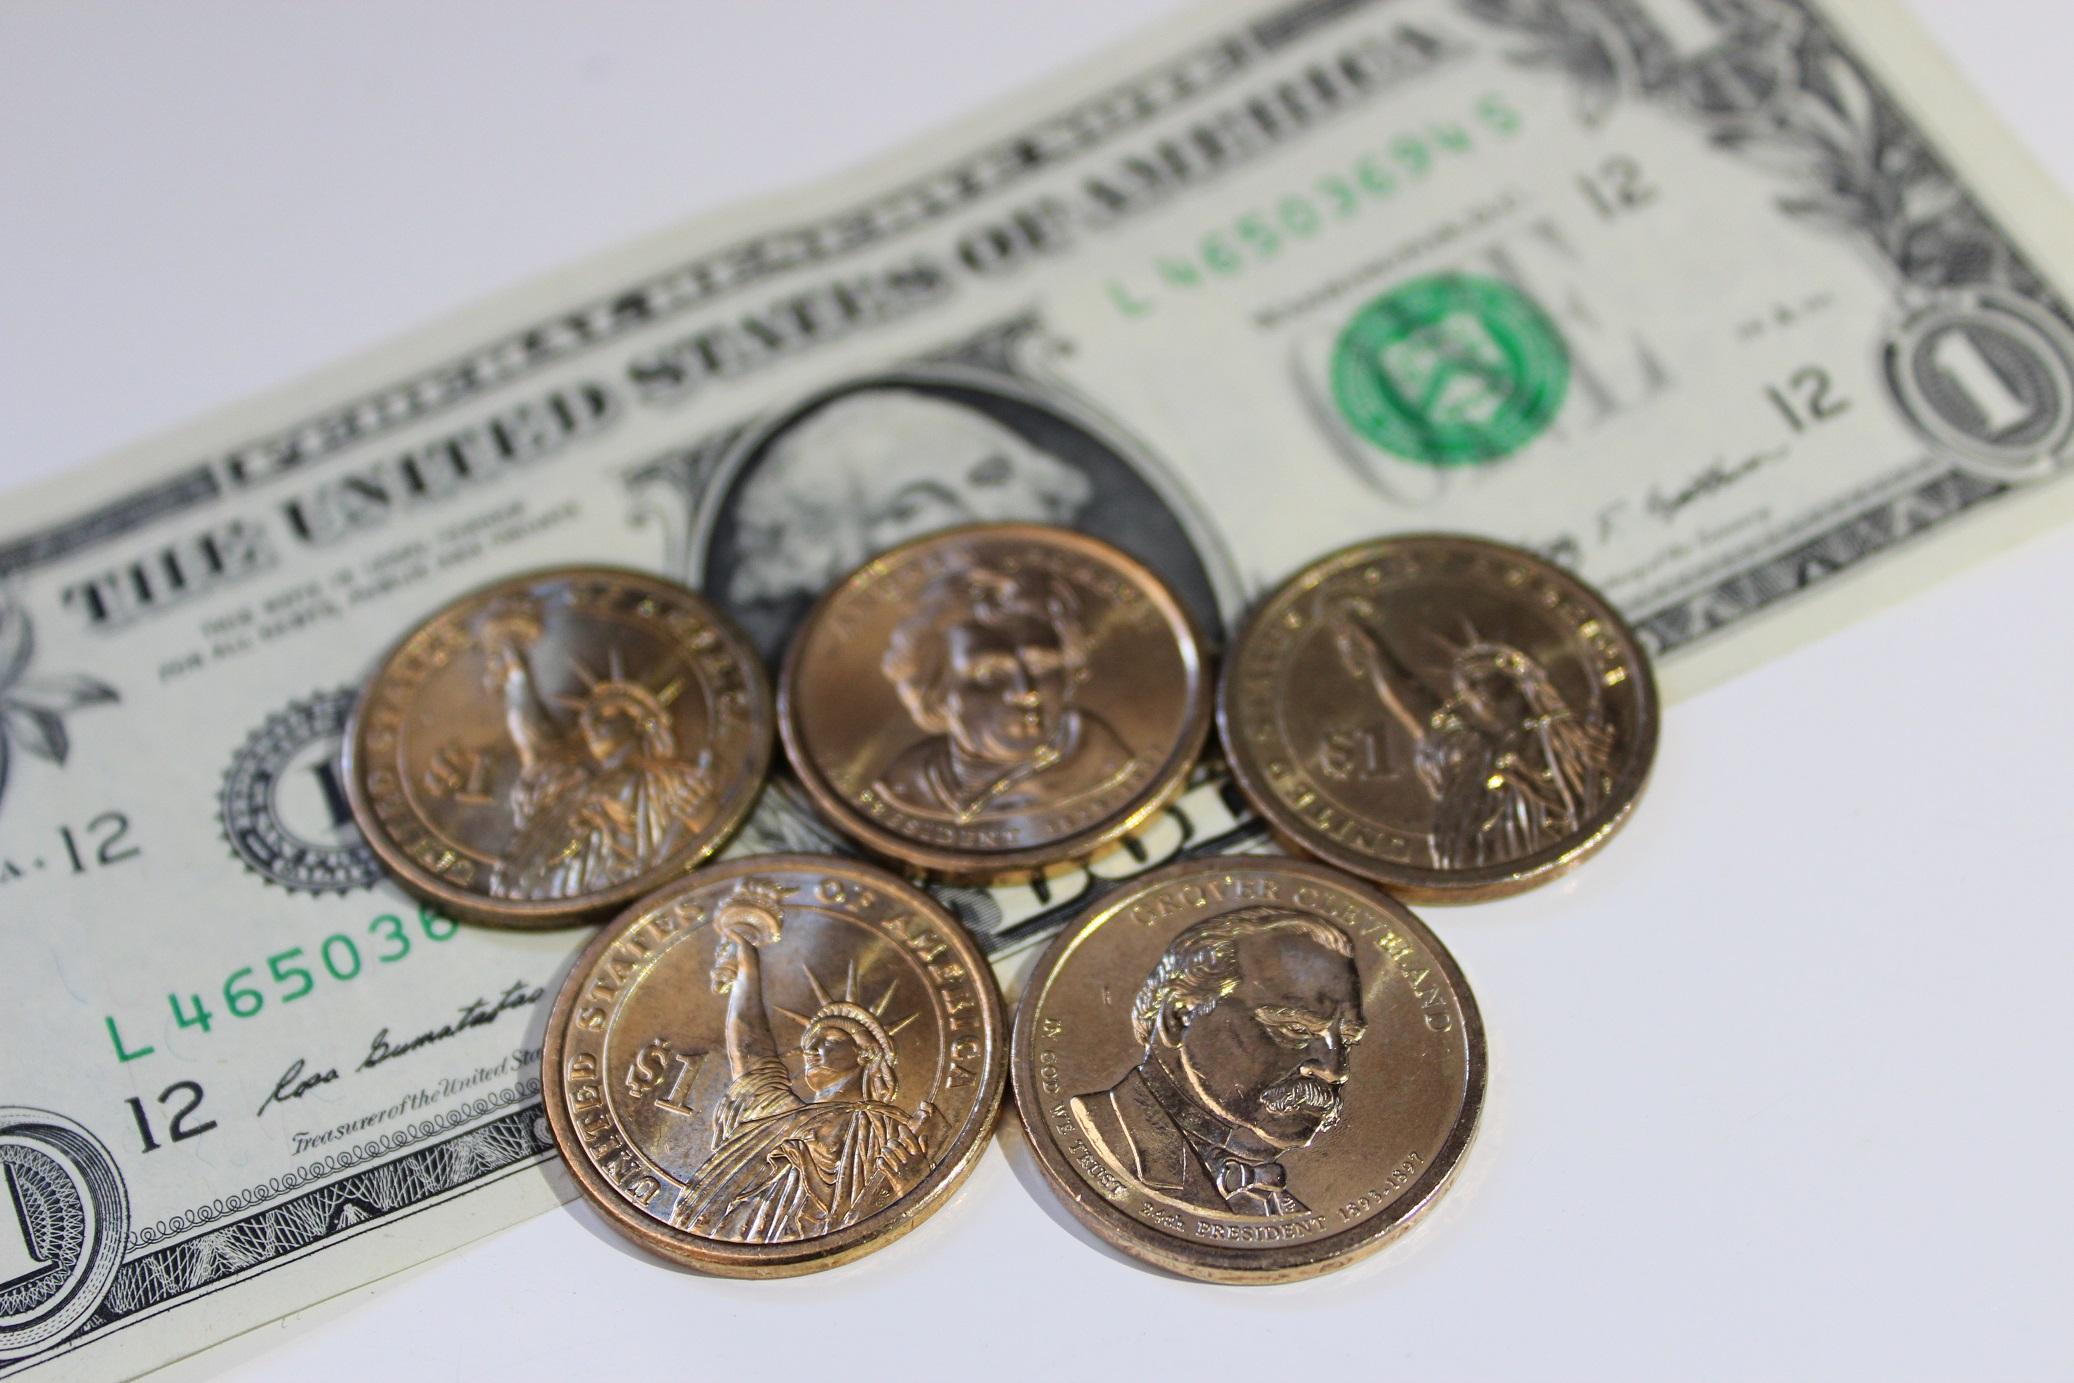 1ドル札とコイン